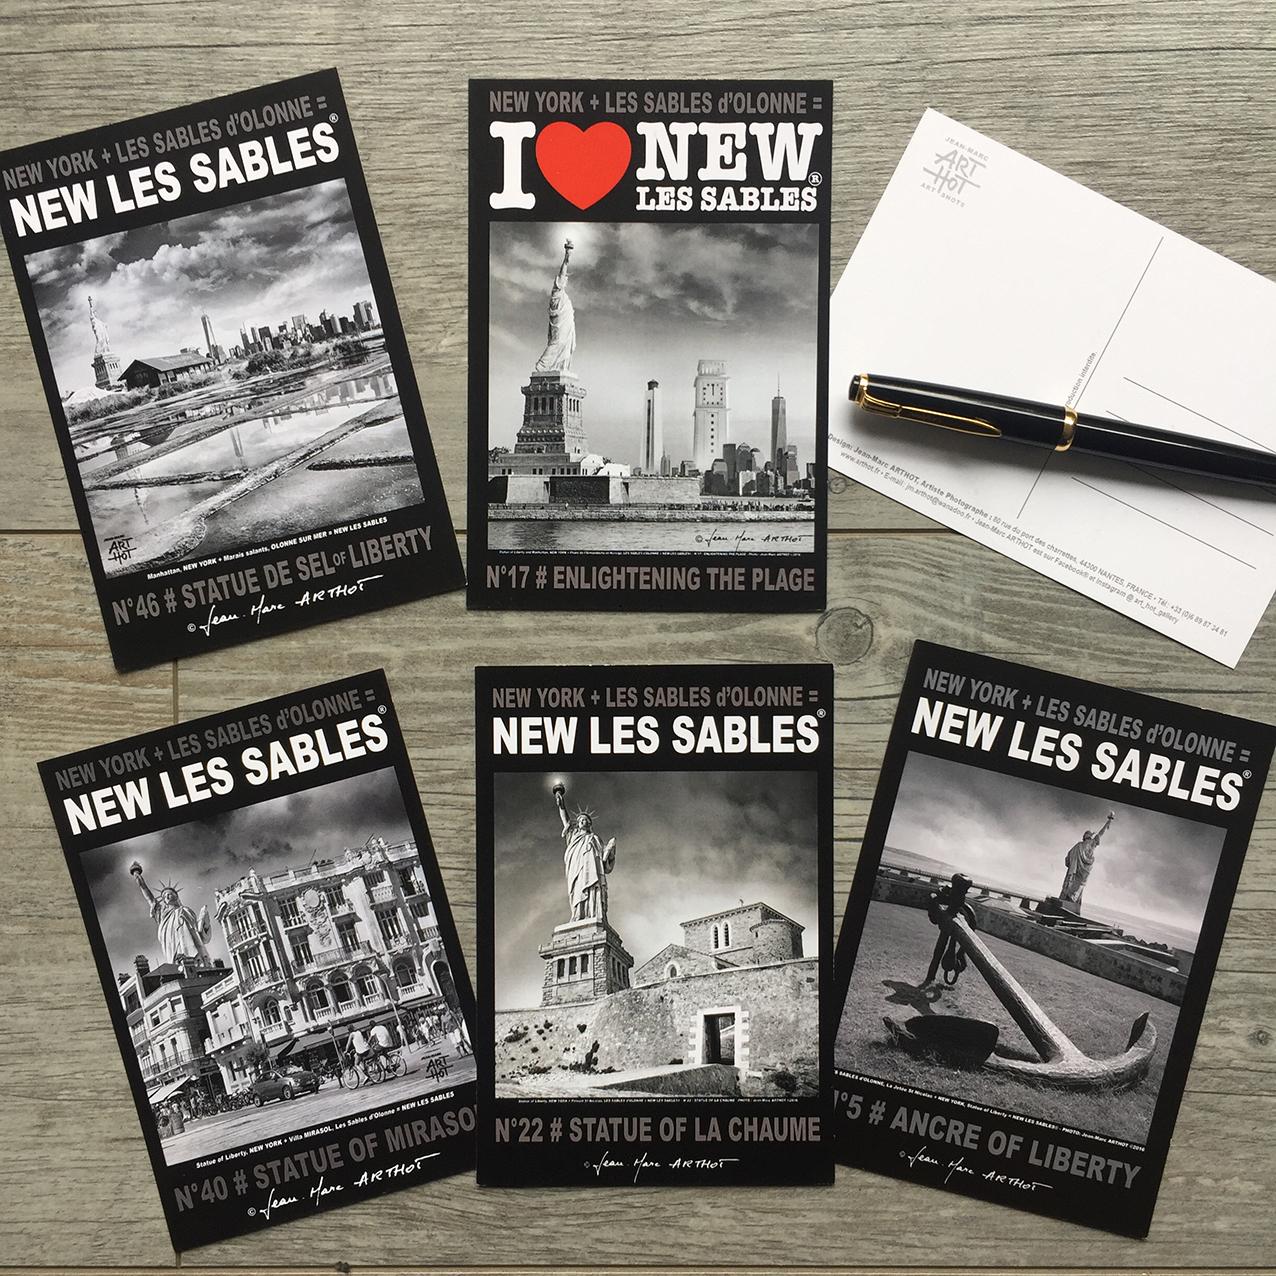 LOT B - 5 CARTES POSTALES - NEW LES SABLES -Liberty sur Mer